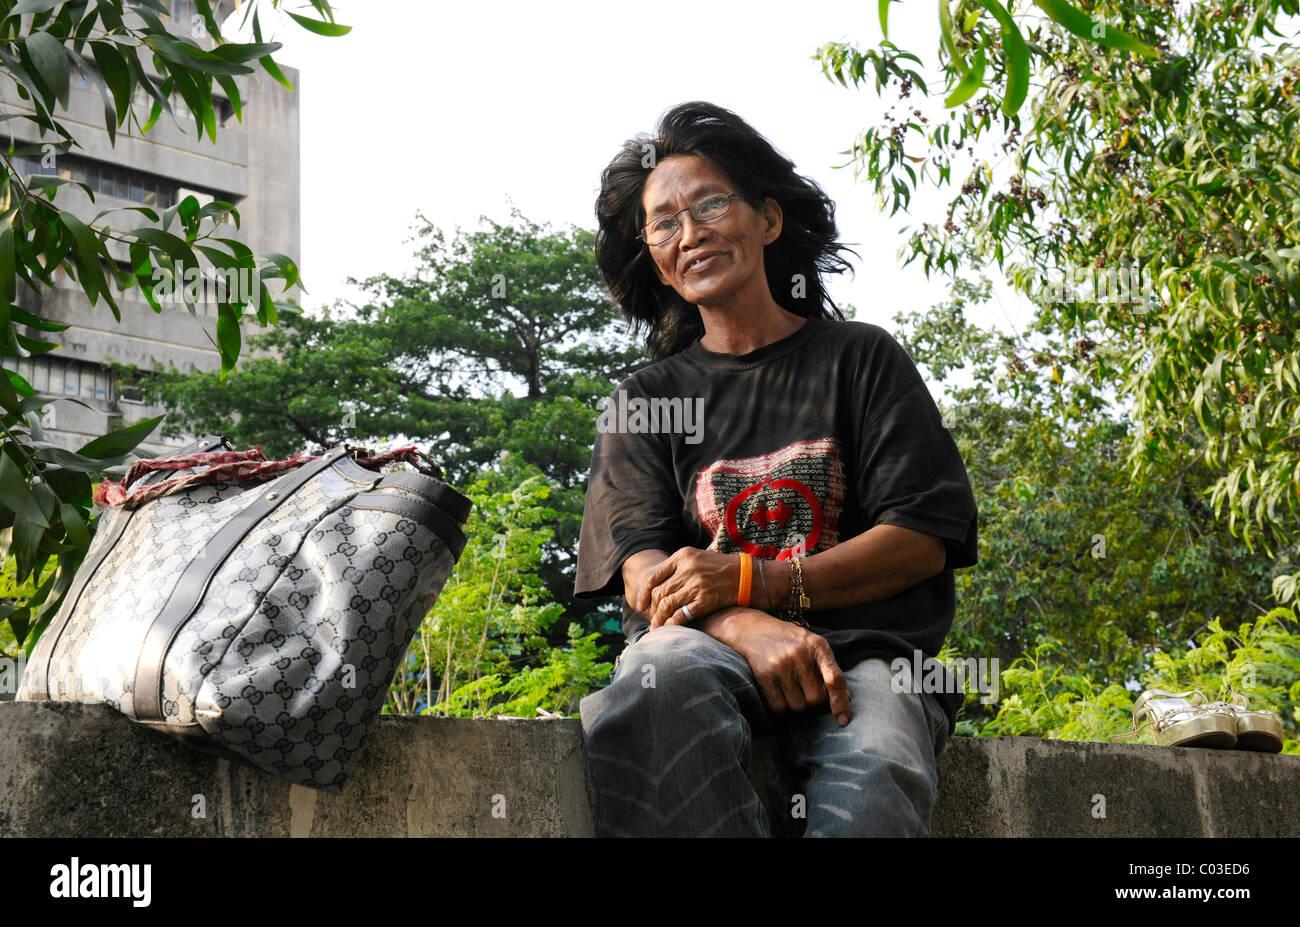 Chômeuse assis sur un mur, Manille, Philippines, en Asie du sud-est Photo Stock